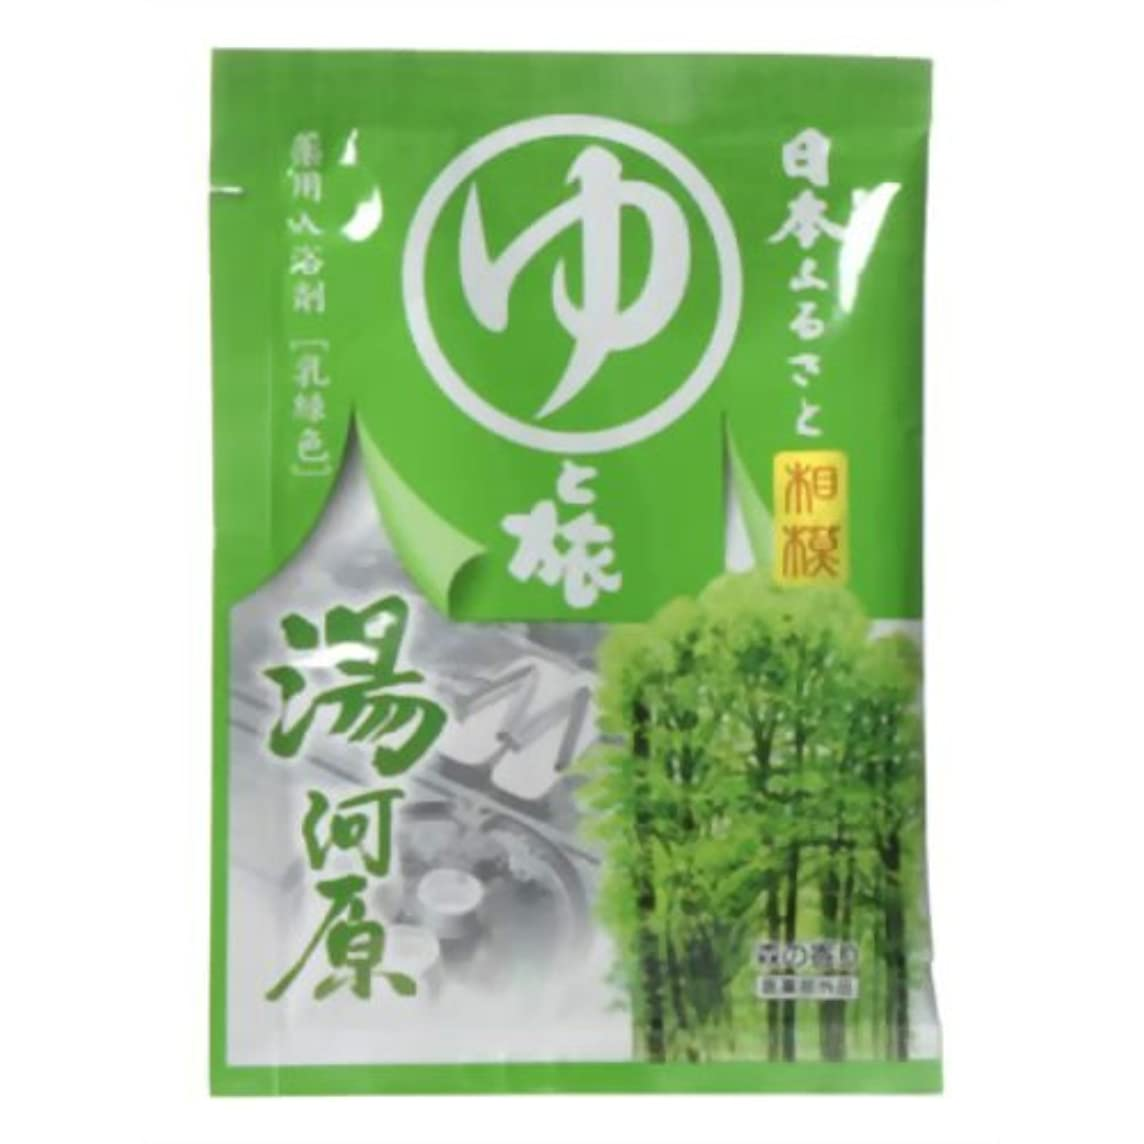 筋危険な引き算ヤマサキの入浴剤シリーズ 湯河原(入浴剤)